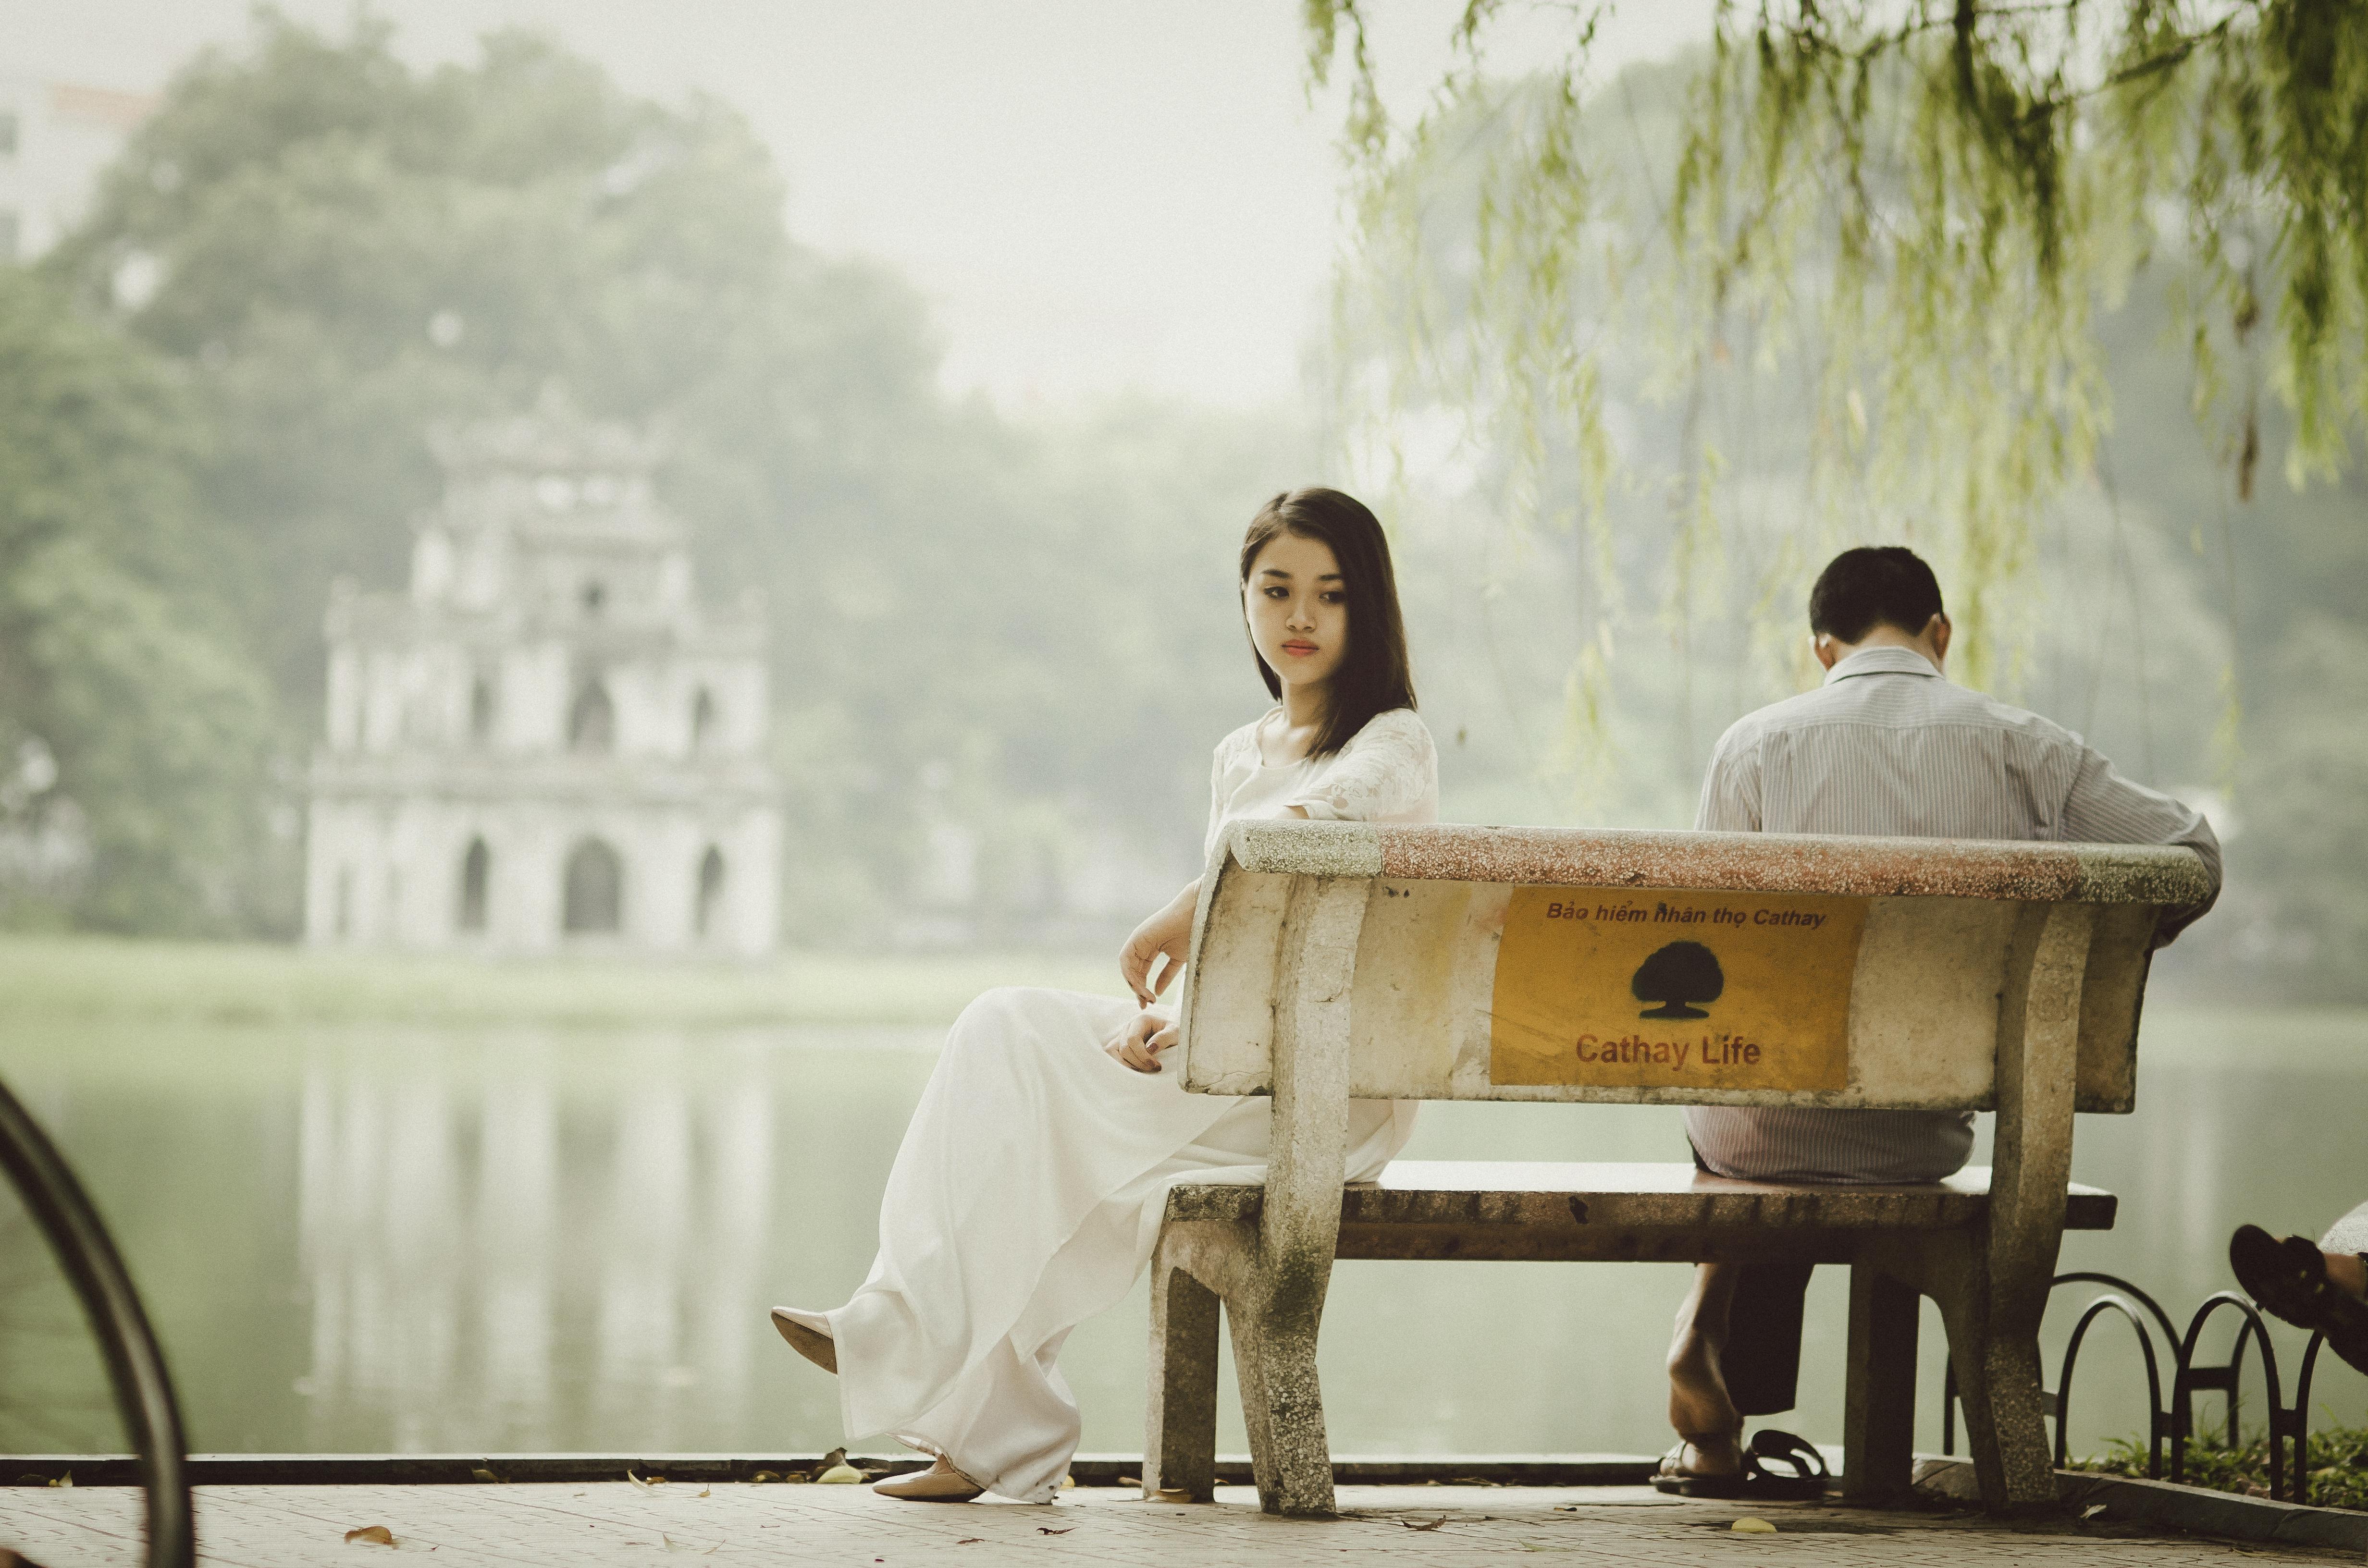 Erektionsstörungen und Impotenz können Deine Beziehung schwer belasten – doch es gibt Mittel zur Behandlung!